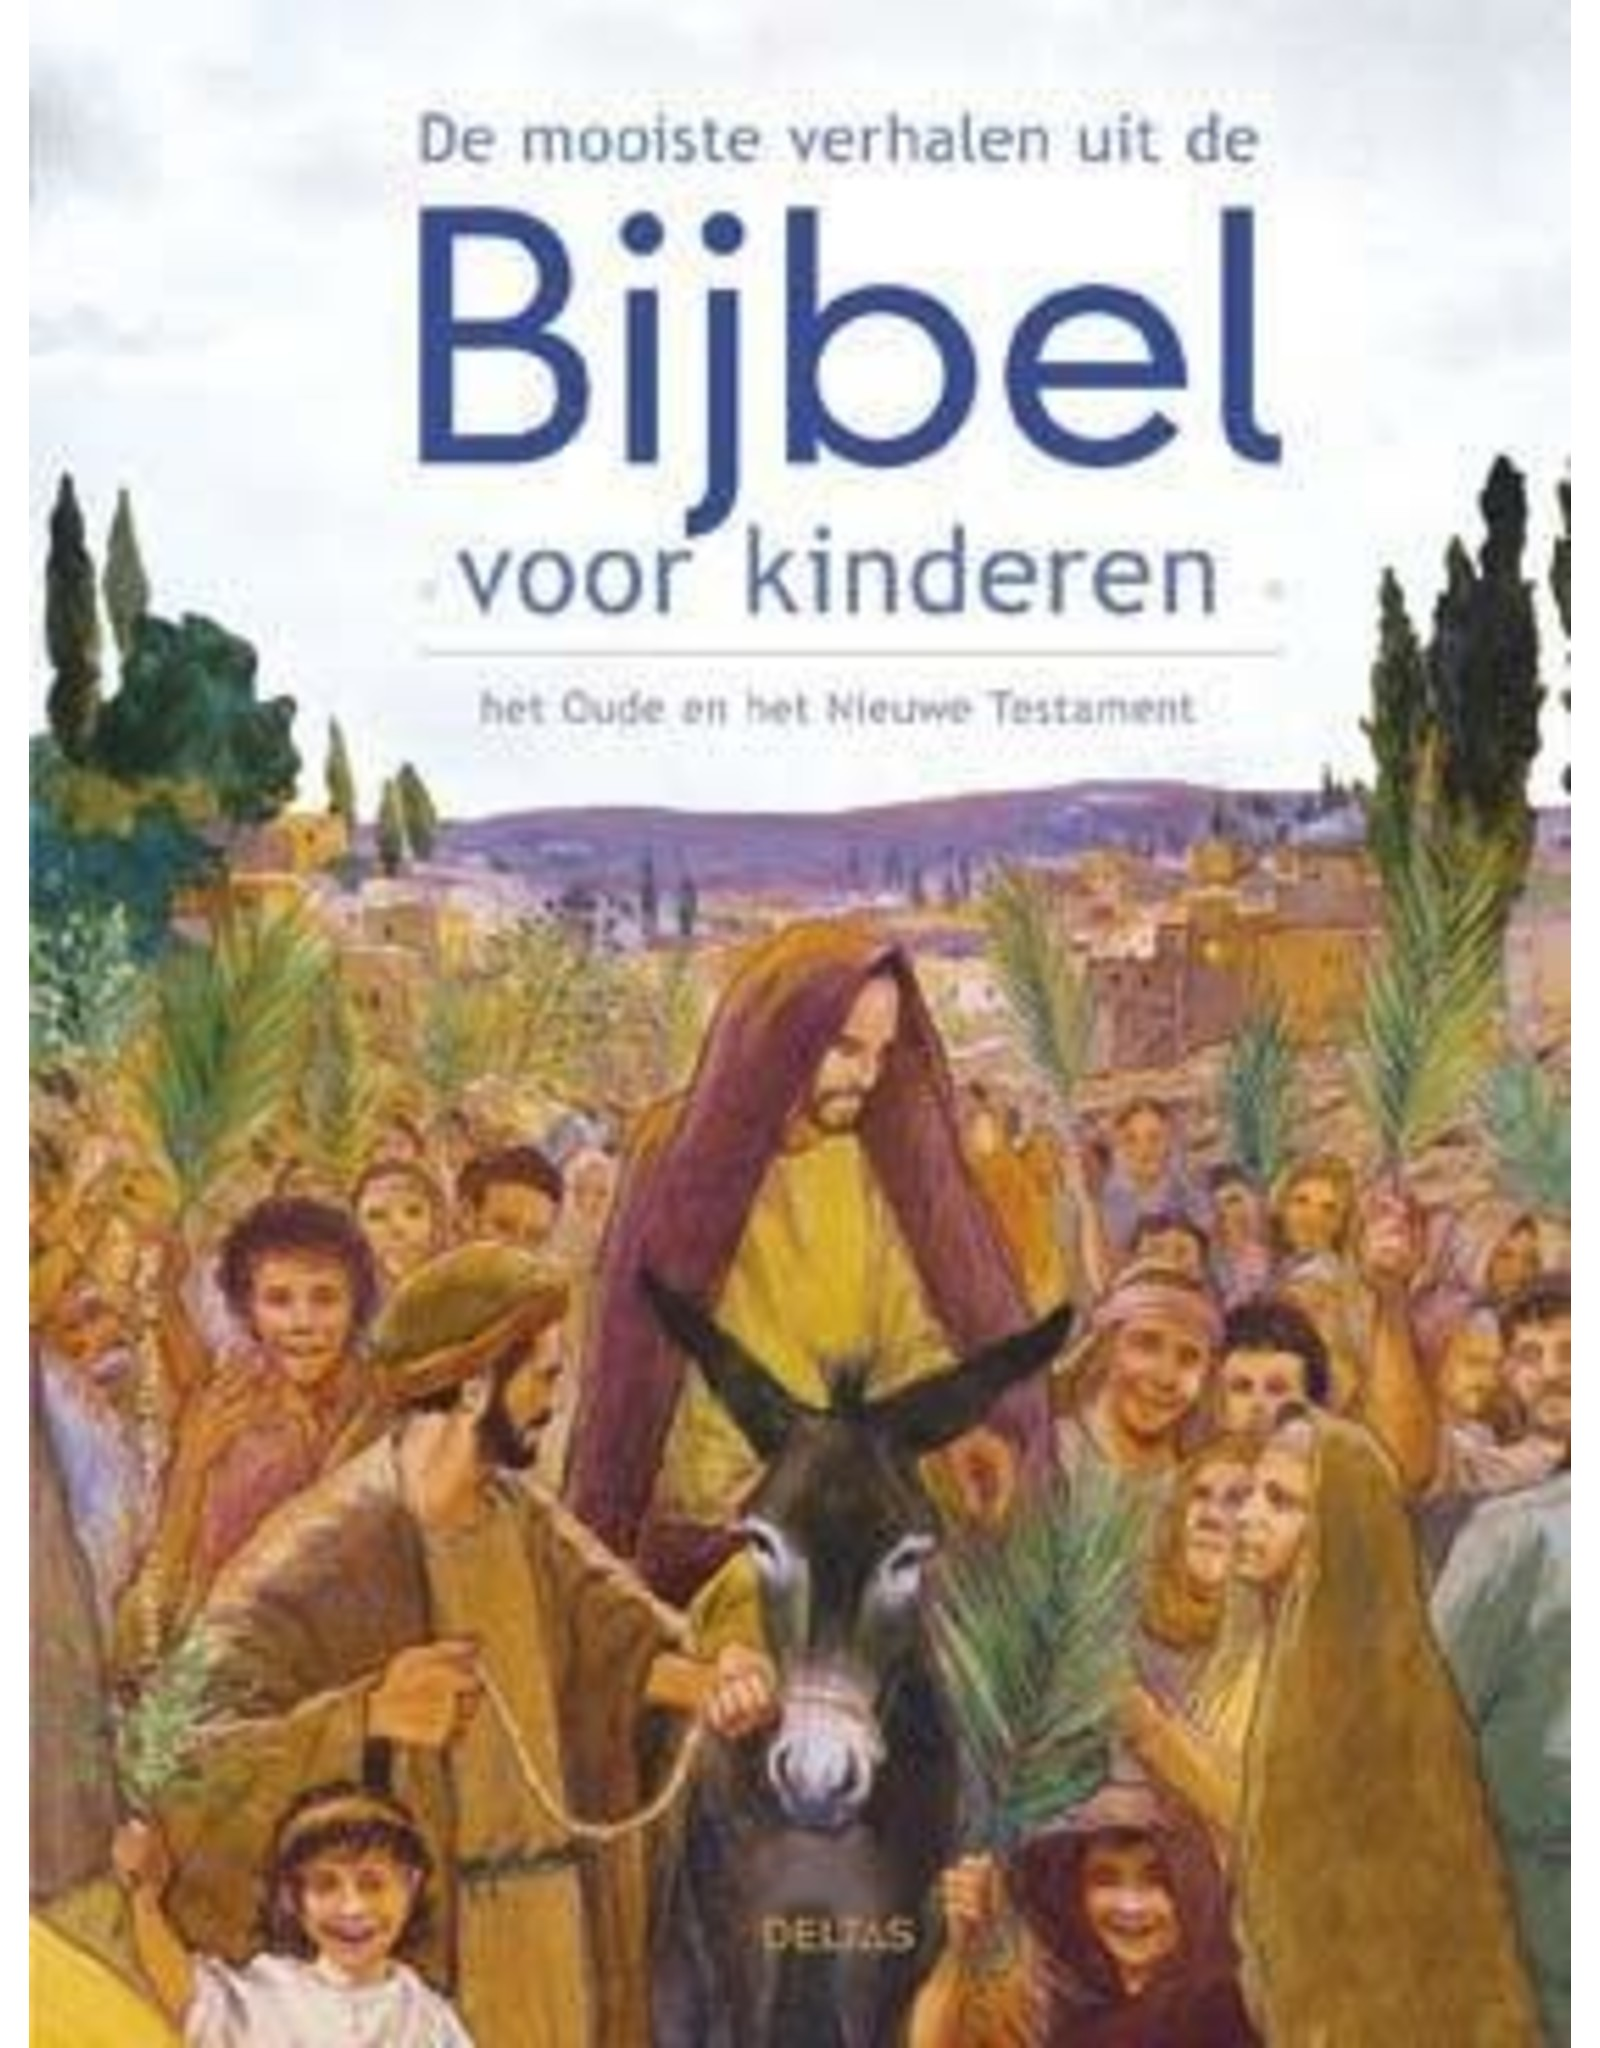 De mooiste verhalen uit de Bijbel voor kinderen